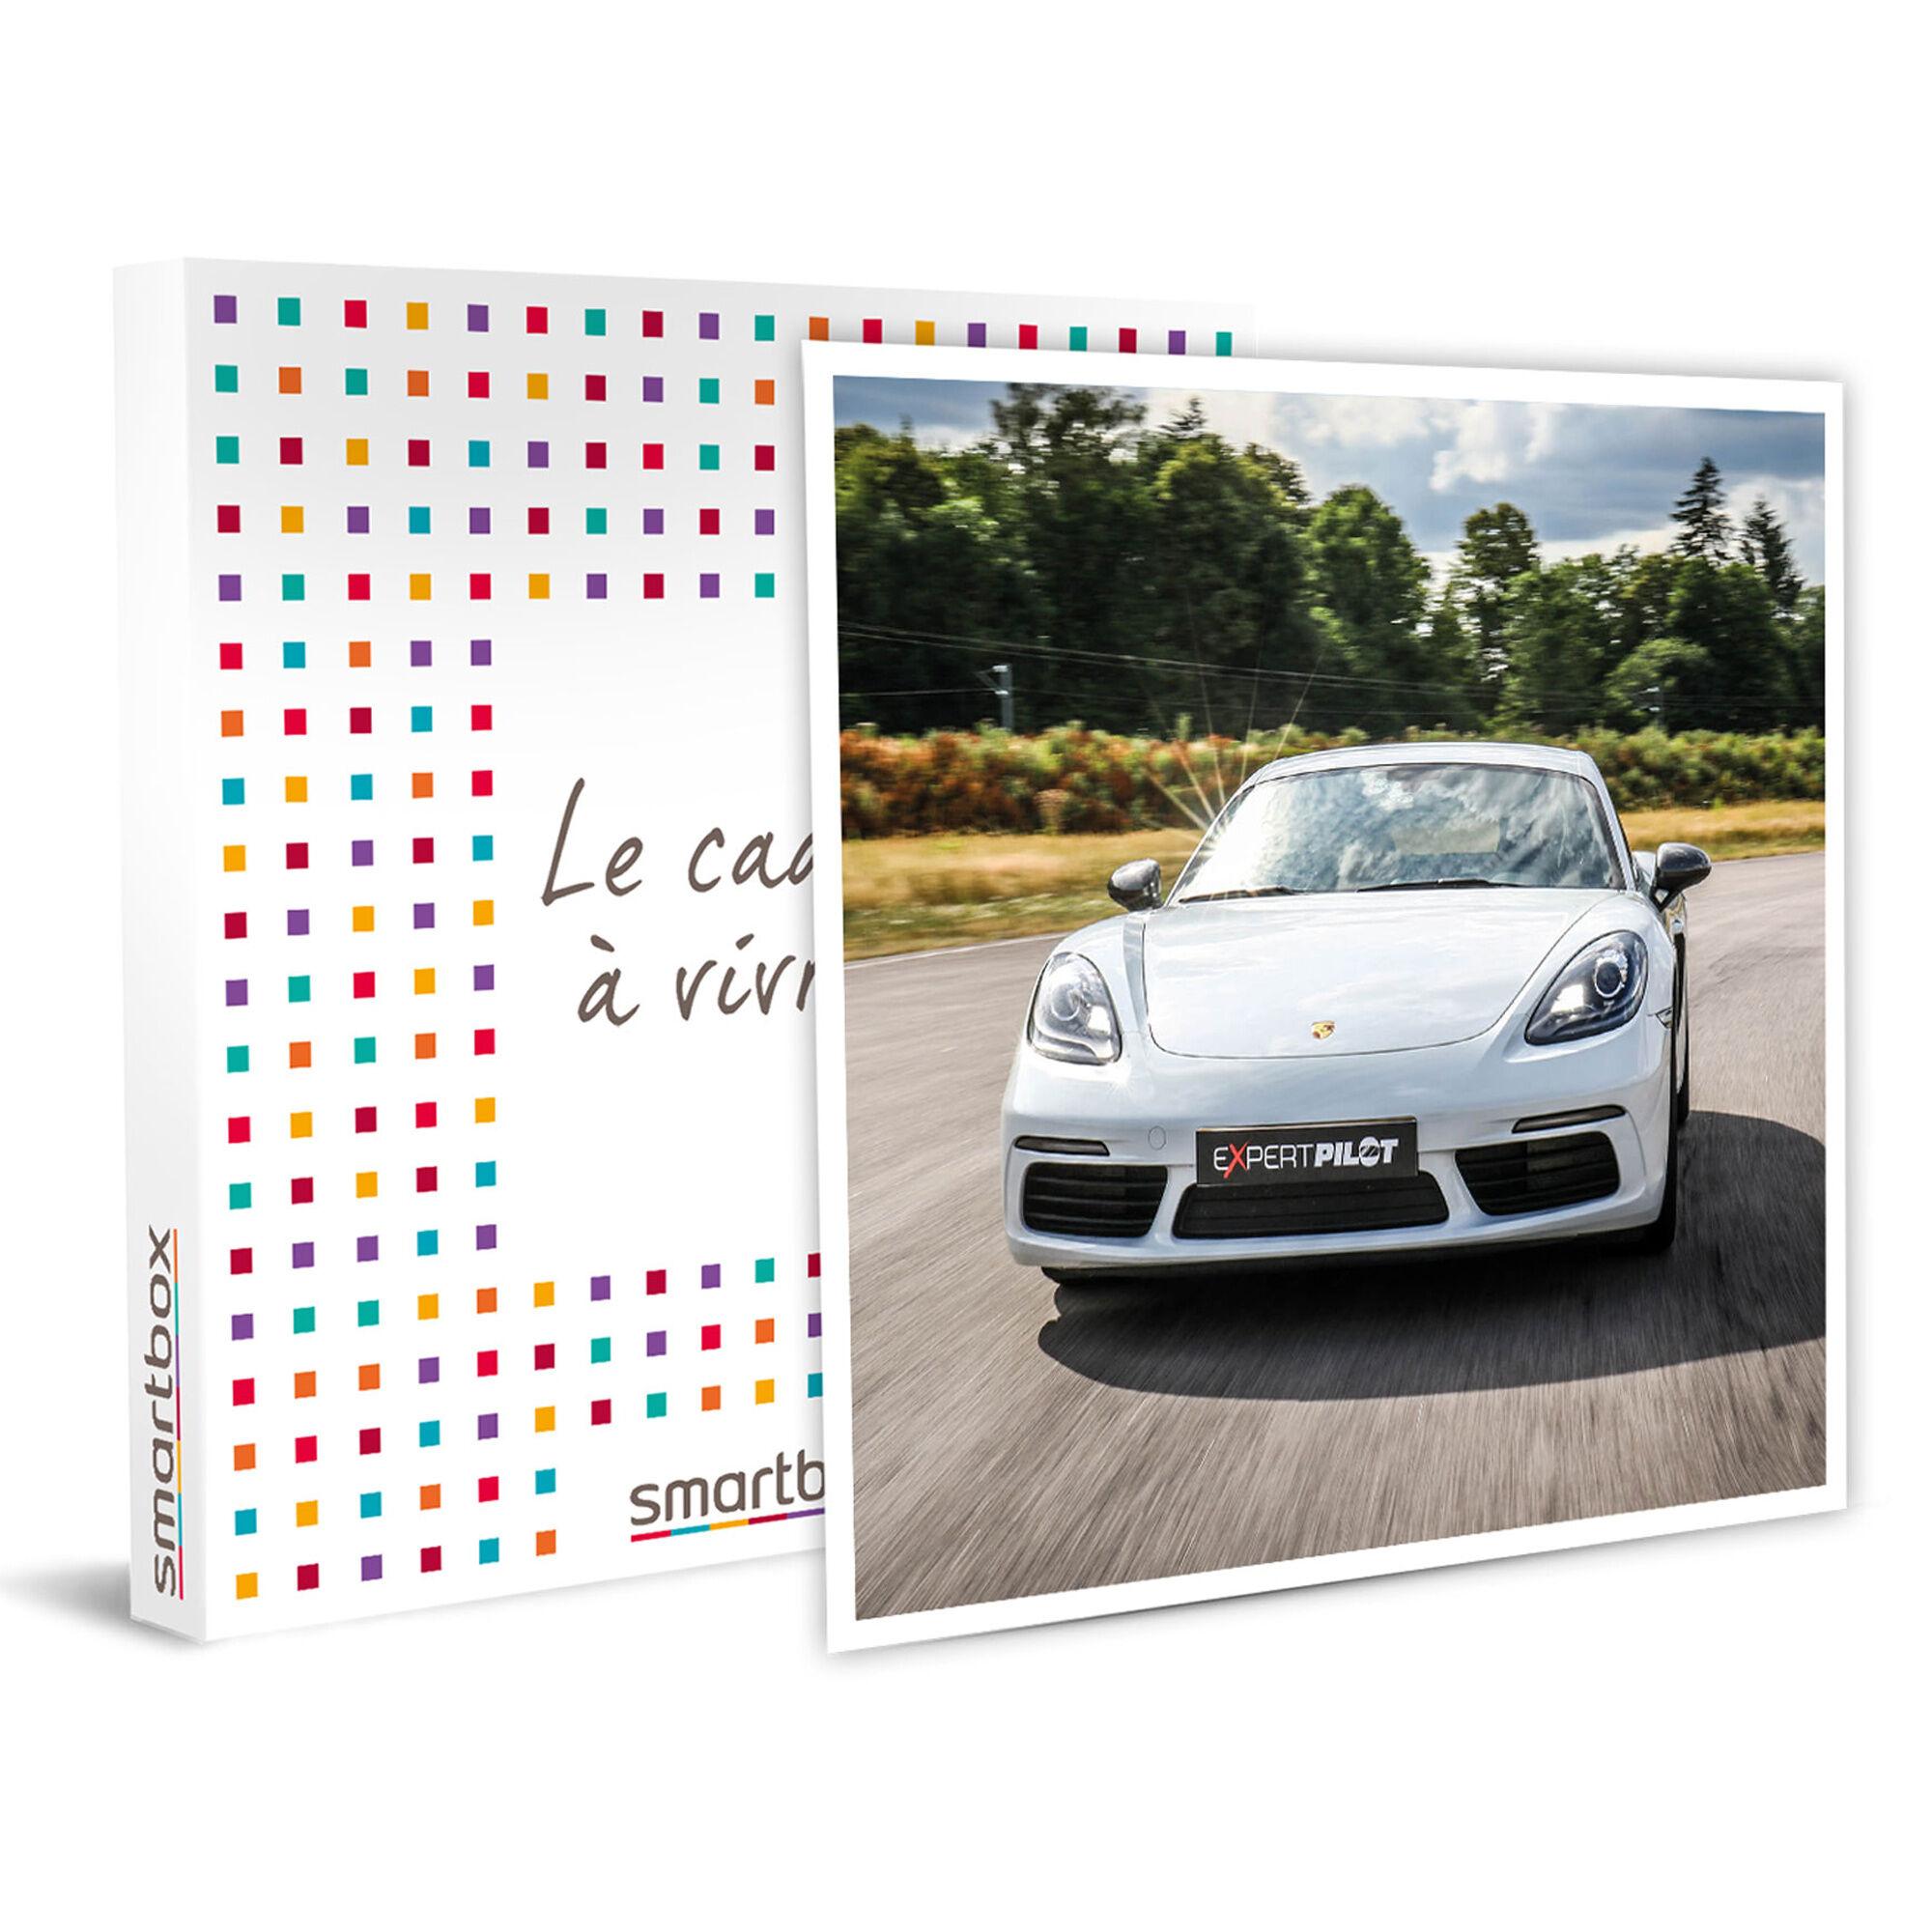 Smartbox 3 tours de pilotage en Porsche Cayman sur le circuit Dijon-Prenois Coffret cadeau Smartbox